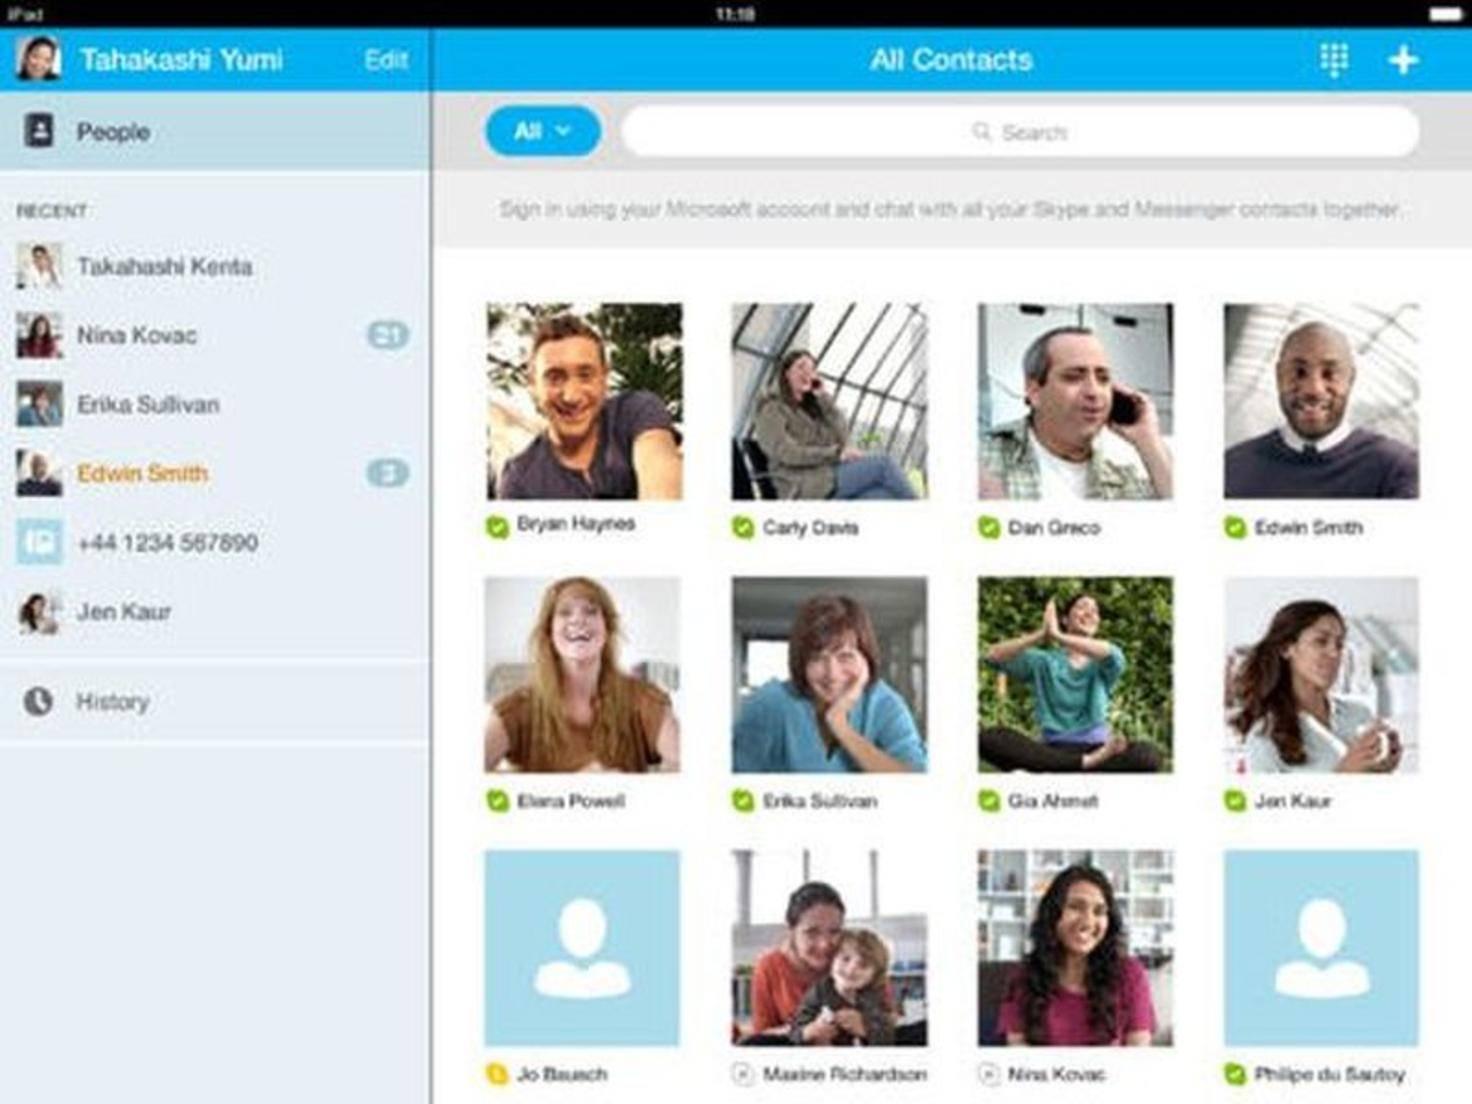 Mit Skype kannst Du mit deinen Freunden immer in Verbindung bleiben.